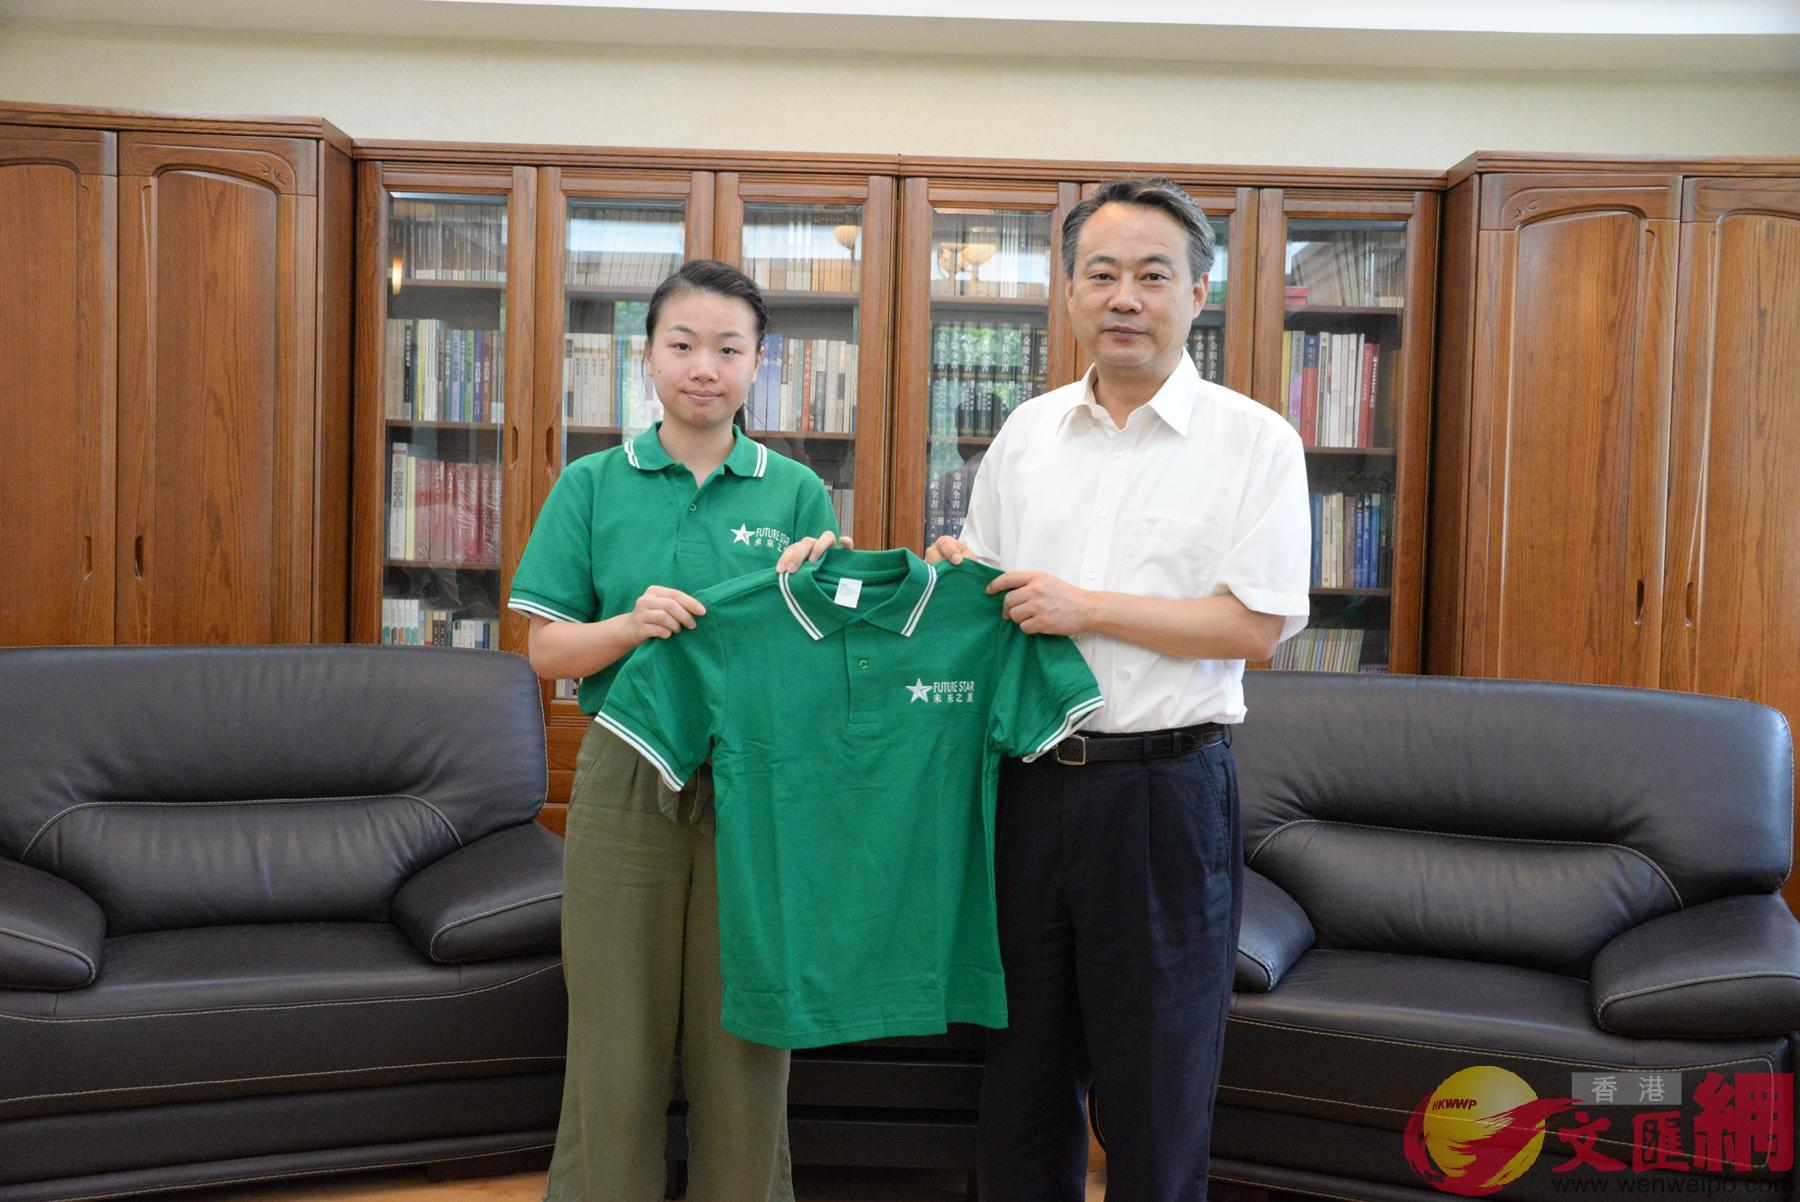 「未來之星」交流團代表向陳勇(右)贈送團服。(記者賀鵬飛 攝)